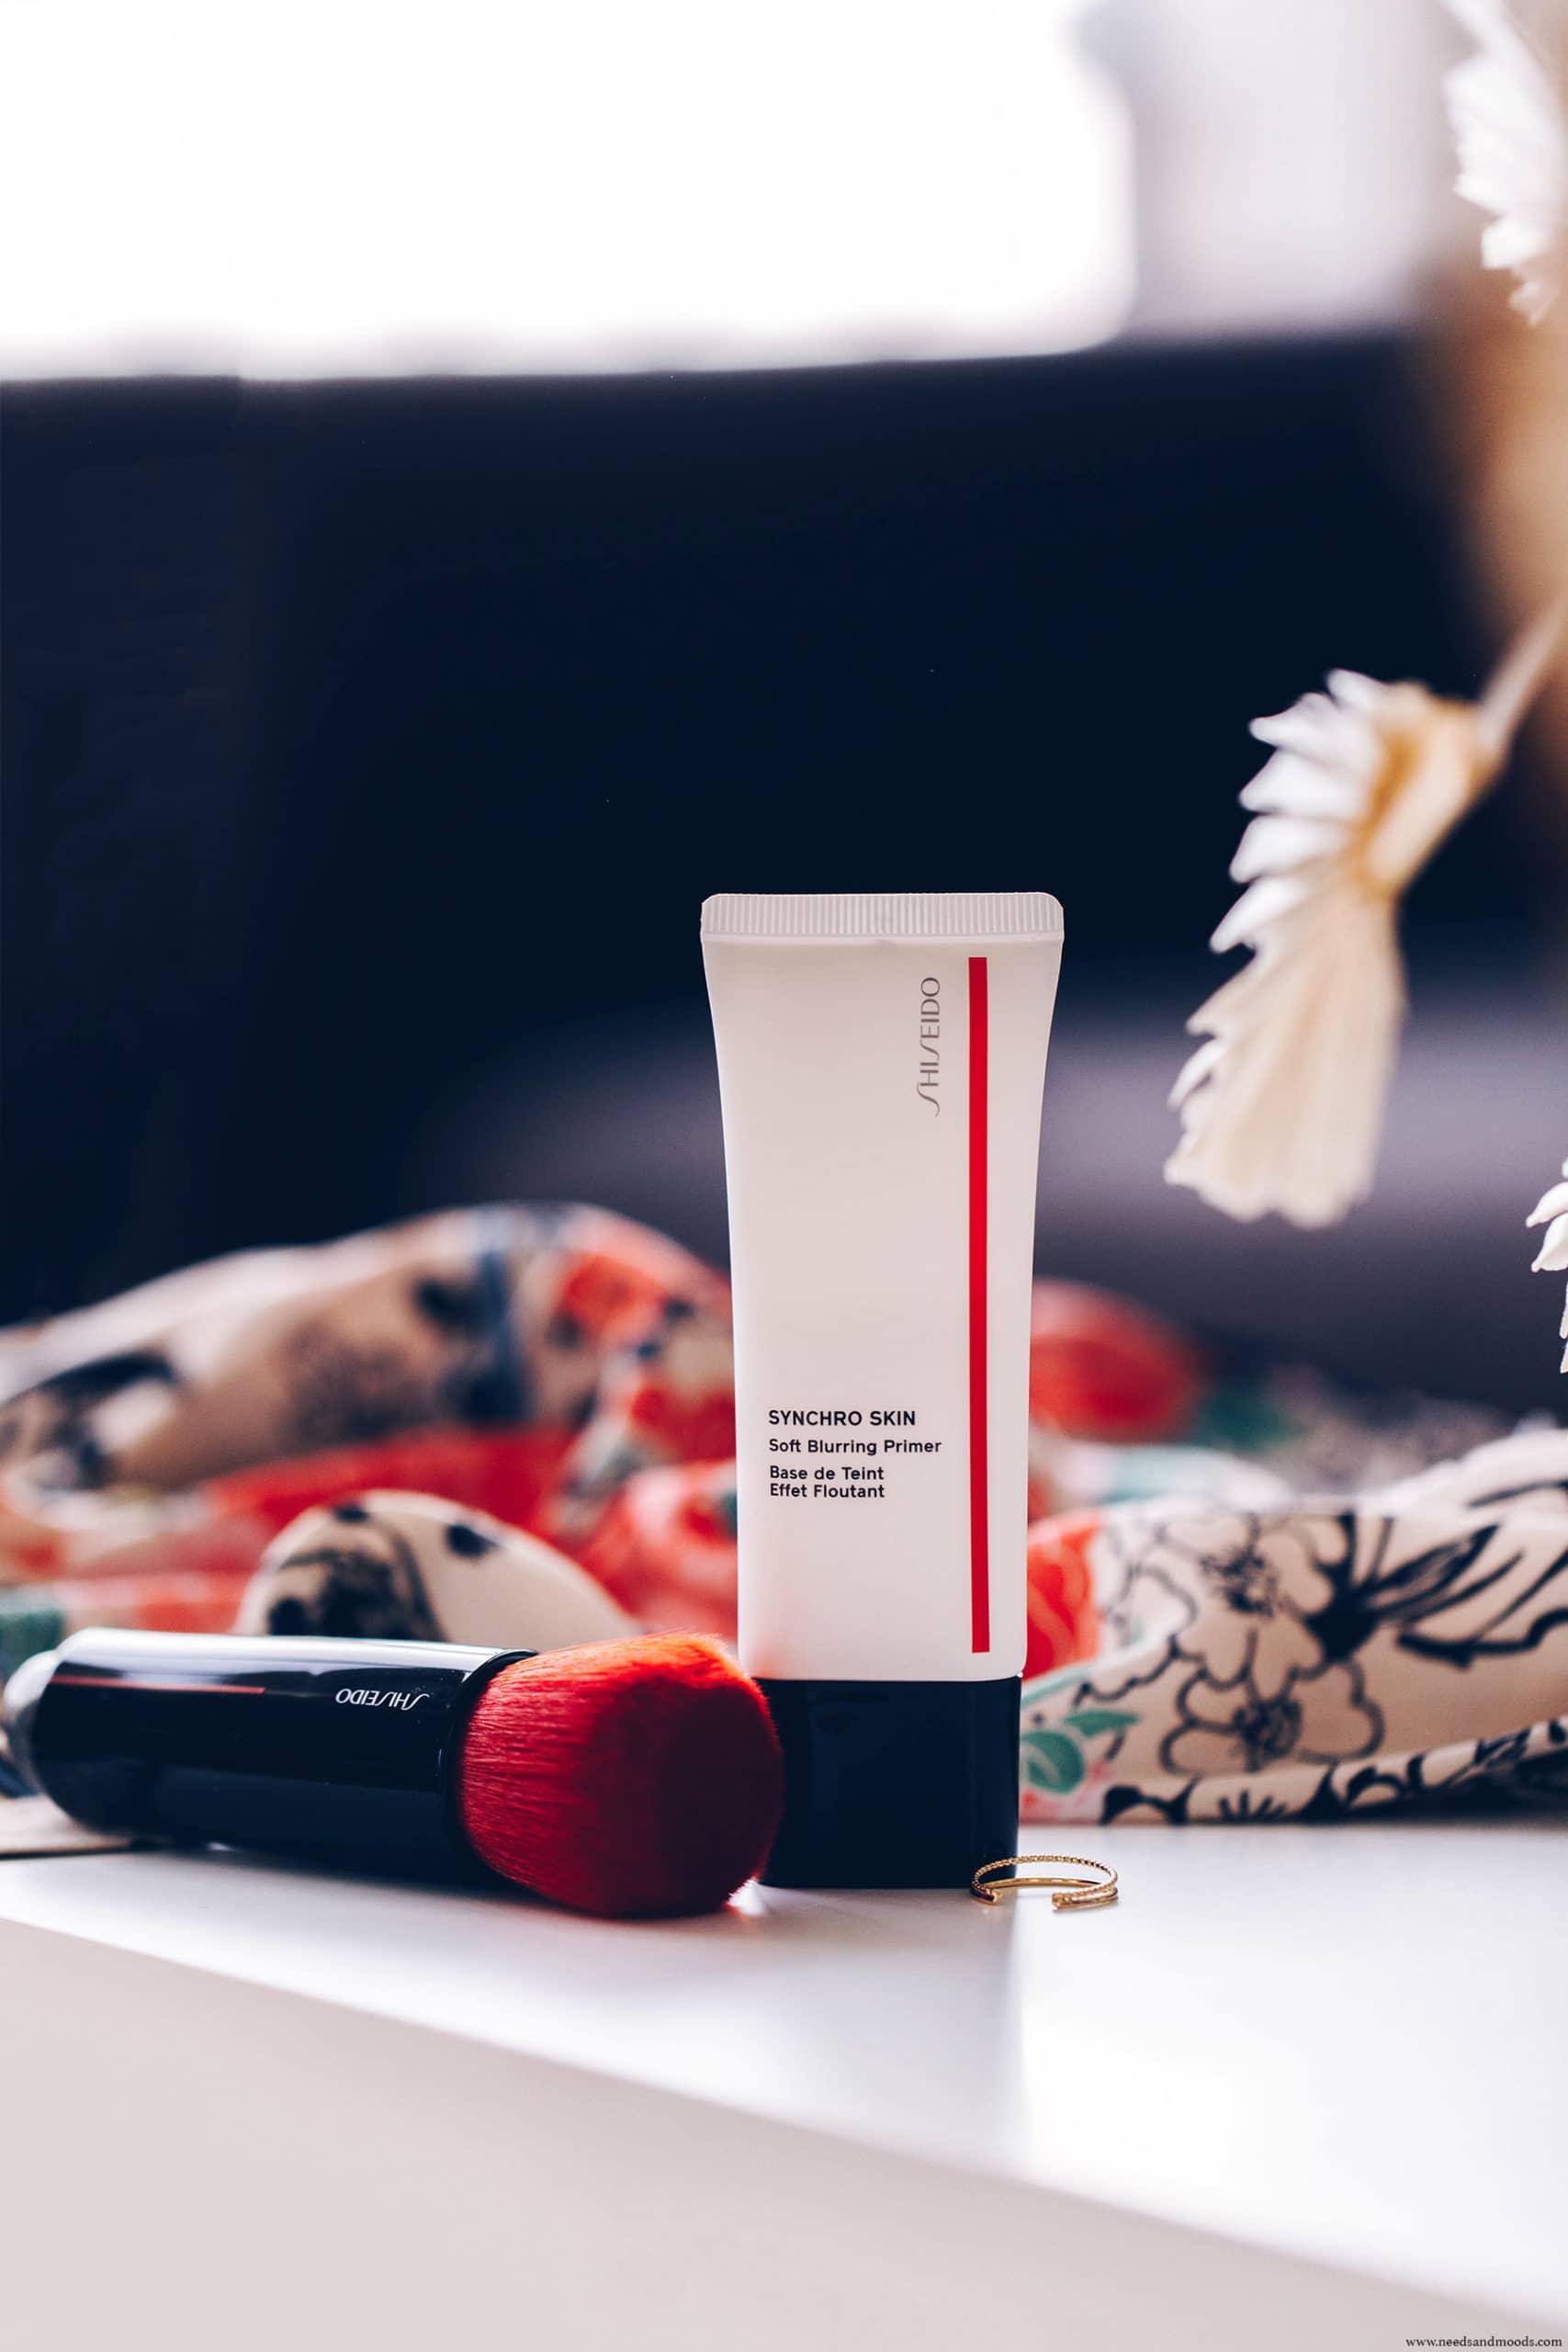 shiseido synchro skin soft burring primer